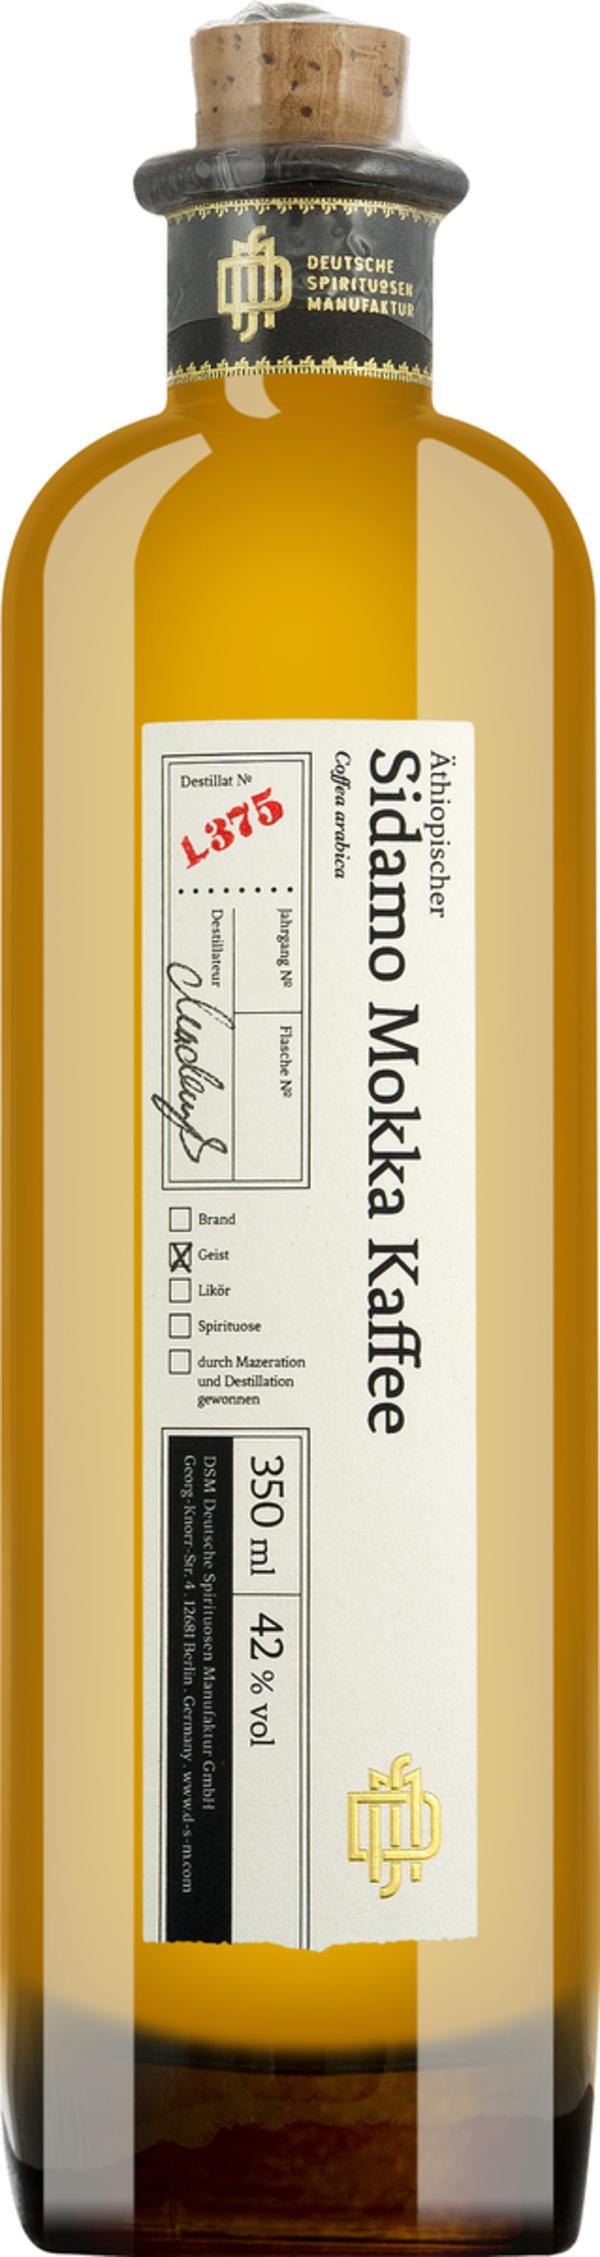 Dsm No 375 Äthiopischer Sidamo Mokka Kaffee   - Geist, Deutschland, 0.3500 l